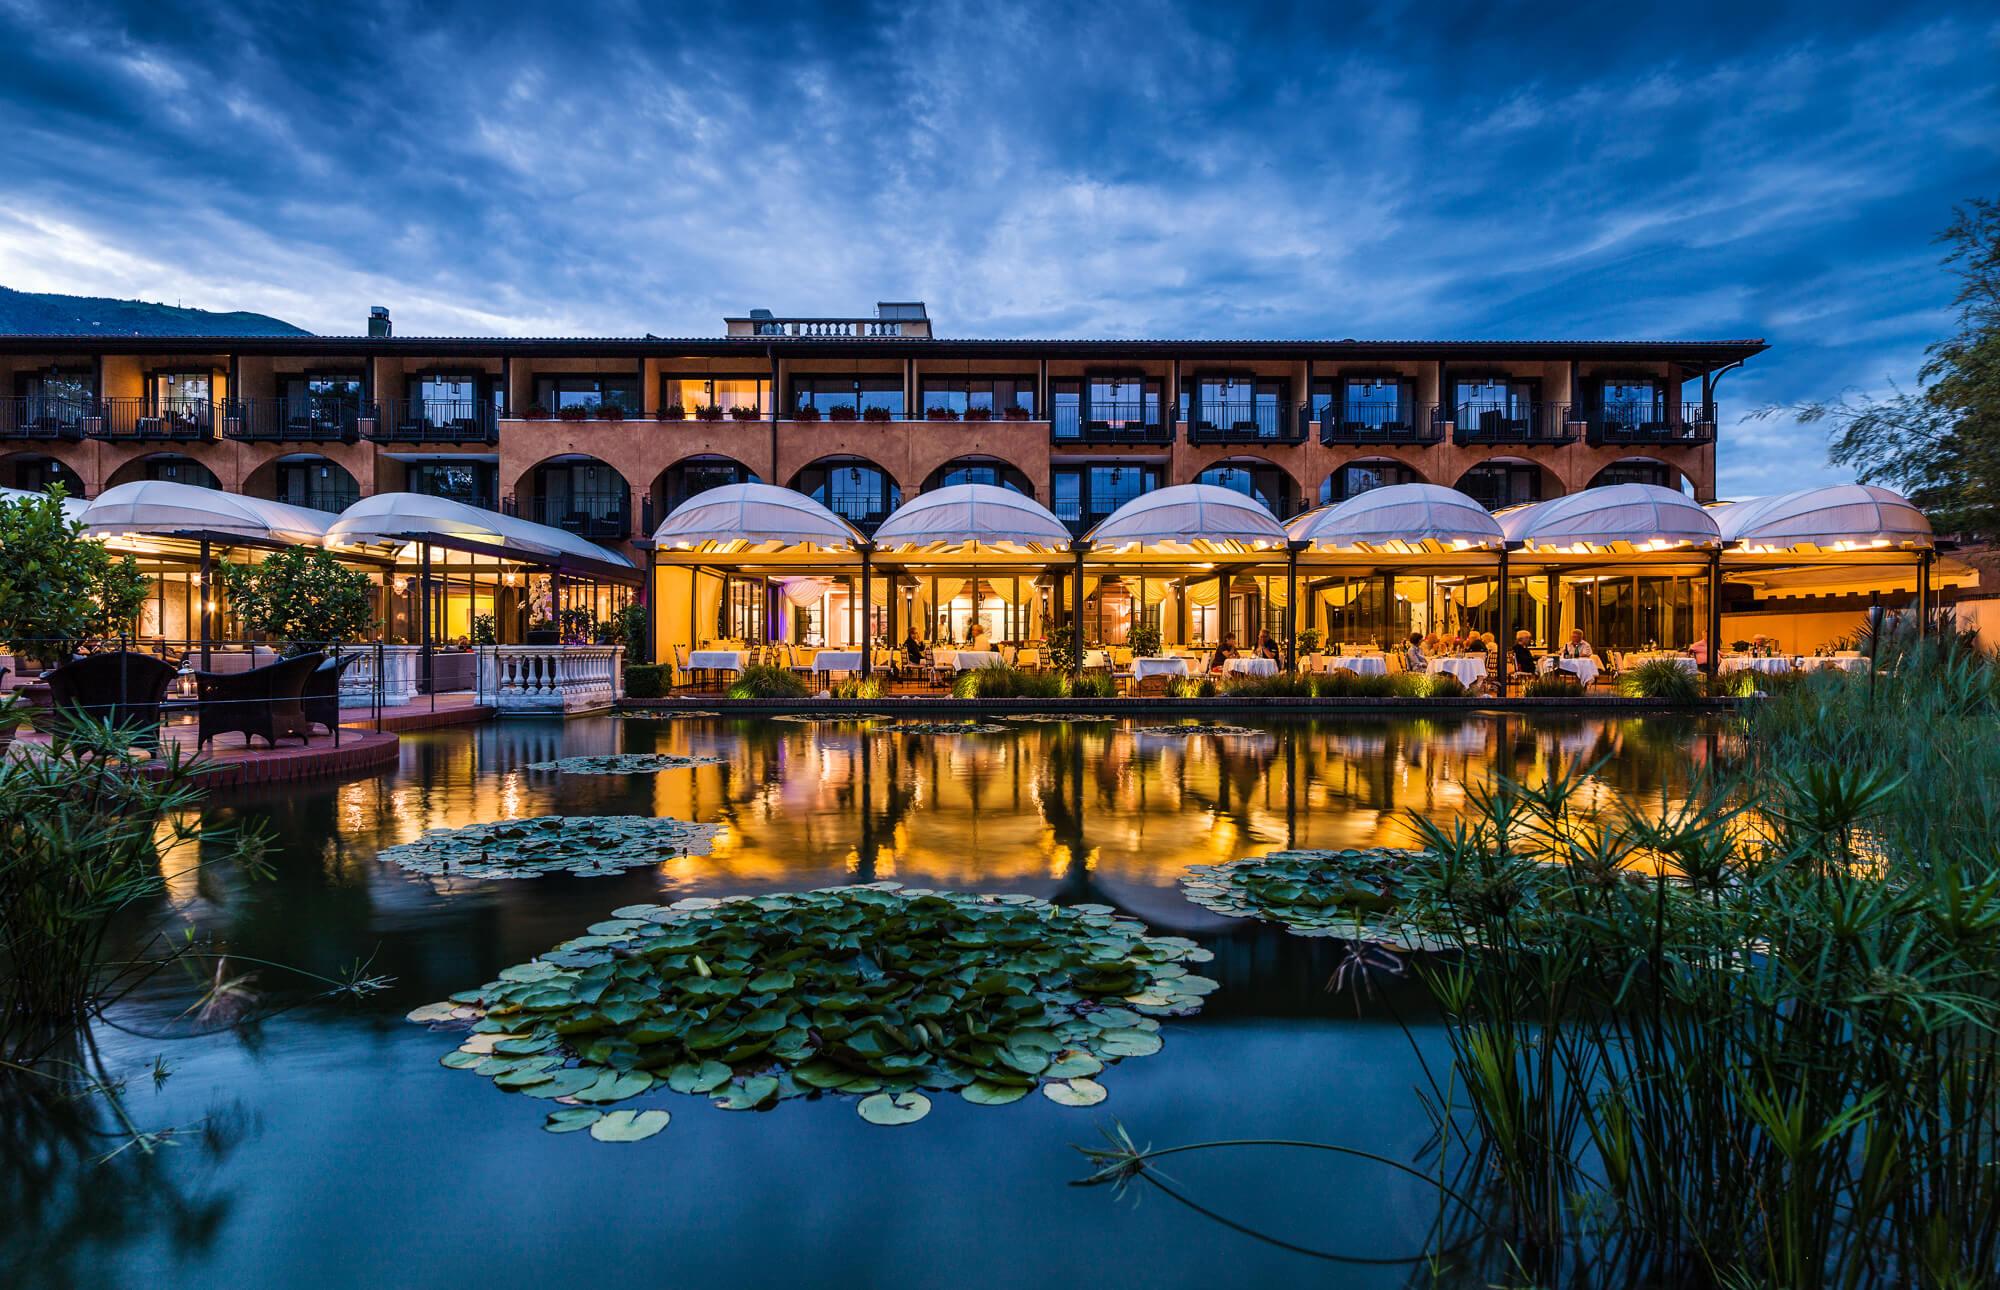 Veranstaltungen Und Aktivitaten Hotel Giardino Ascona